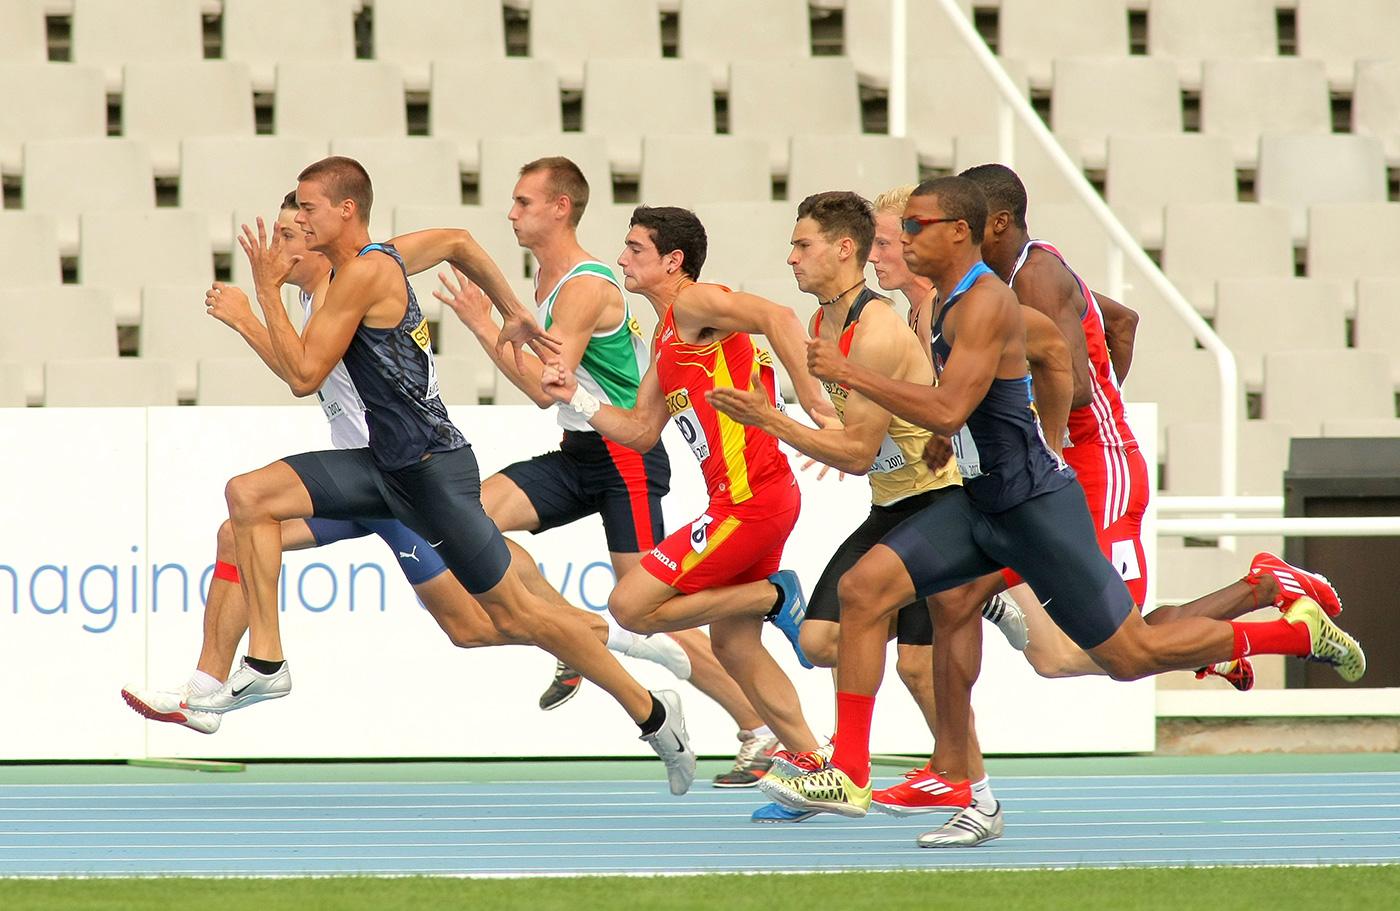 Лессби проза о спортсменах фото 246-661